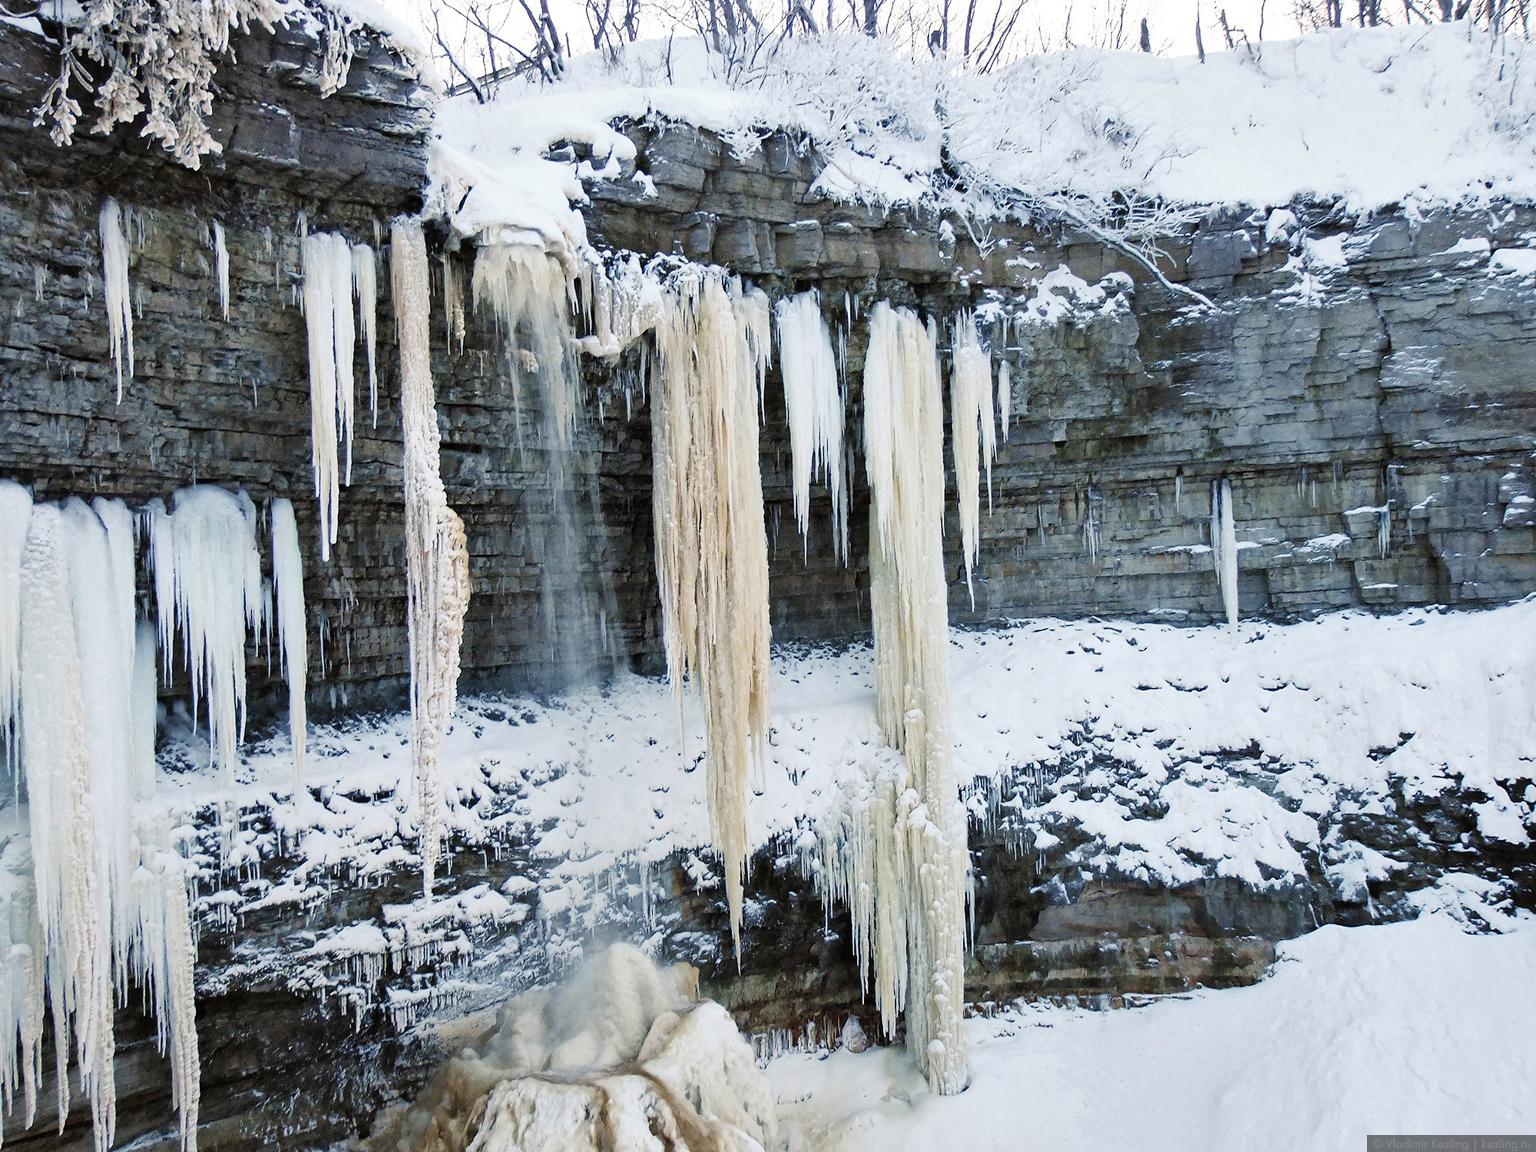 Новогодняя повесть. Водопад Валасте